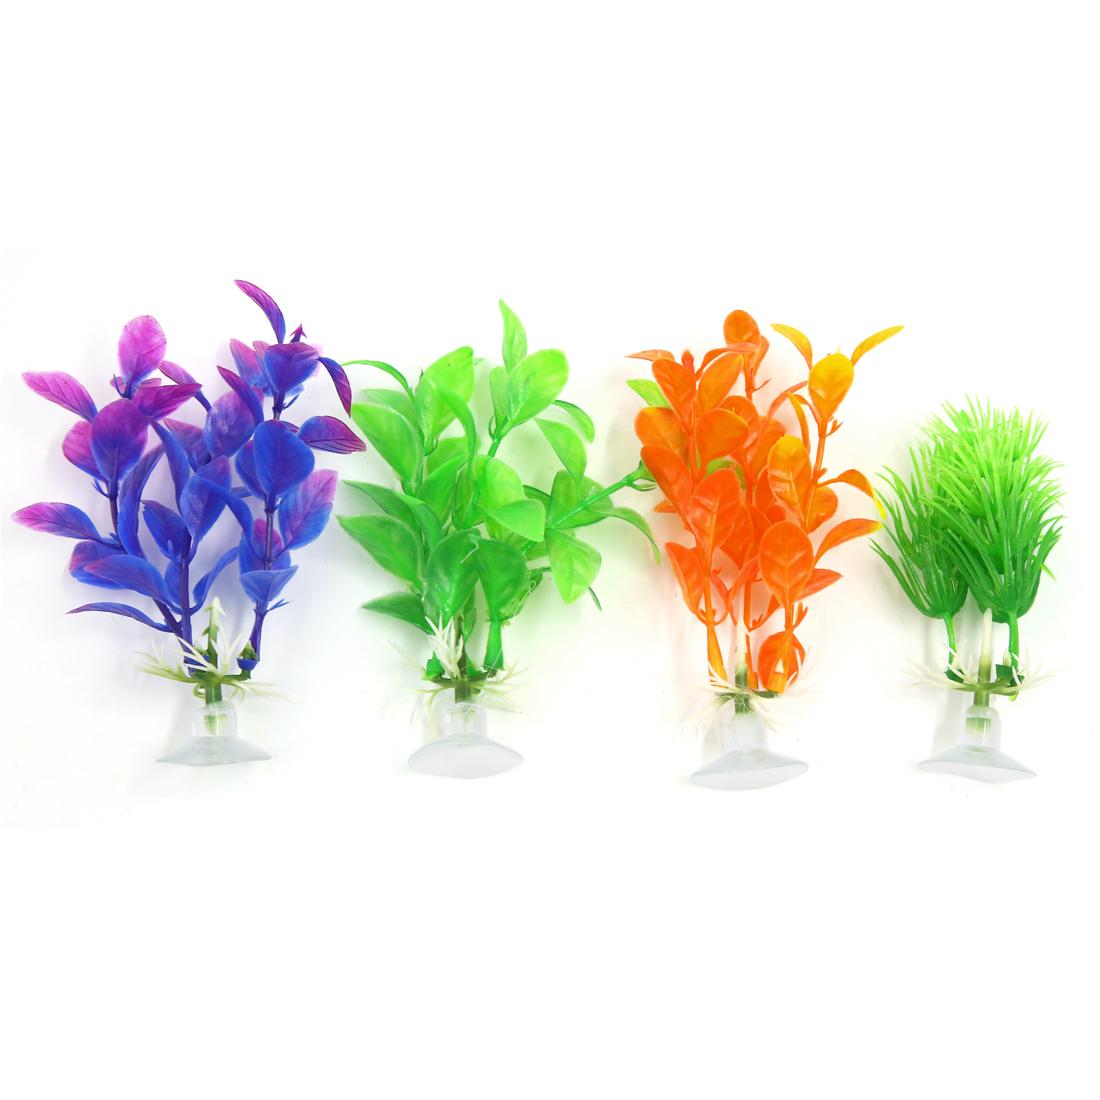 4 PCS Multicolor Aqua Landscape Aquarium Decoration Plastic Plant with Suction Cup